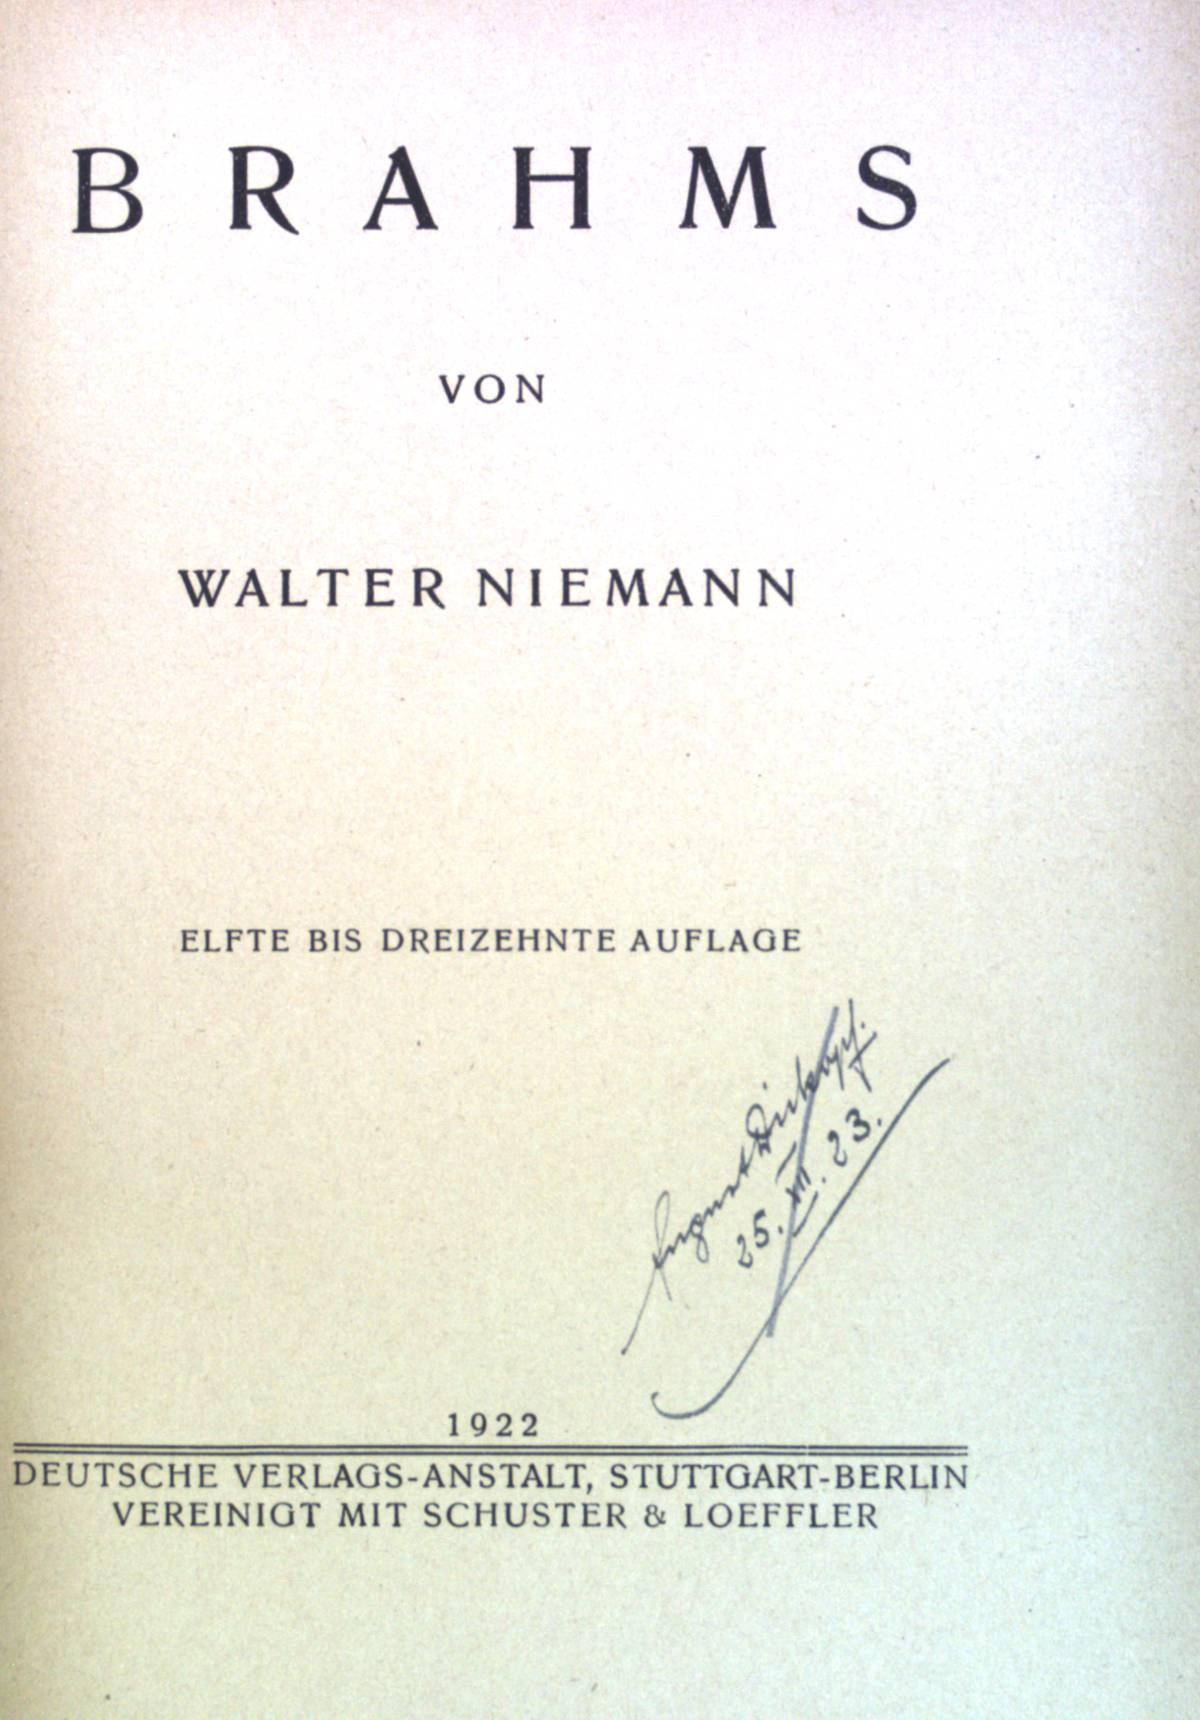 Brahms. Klassiker der Musik.: Niemann, Walter: